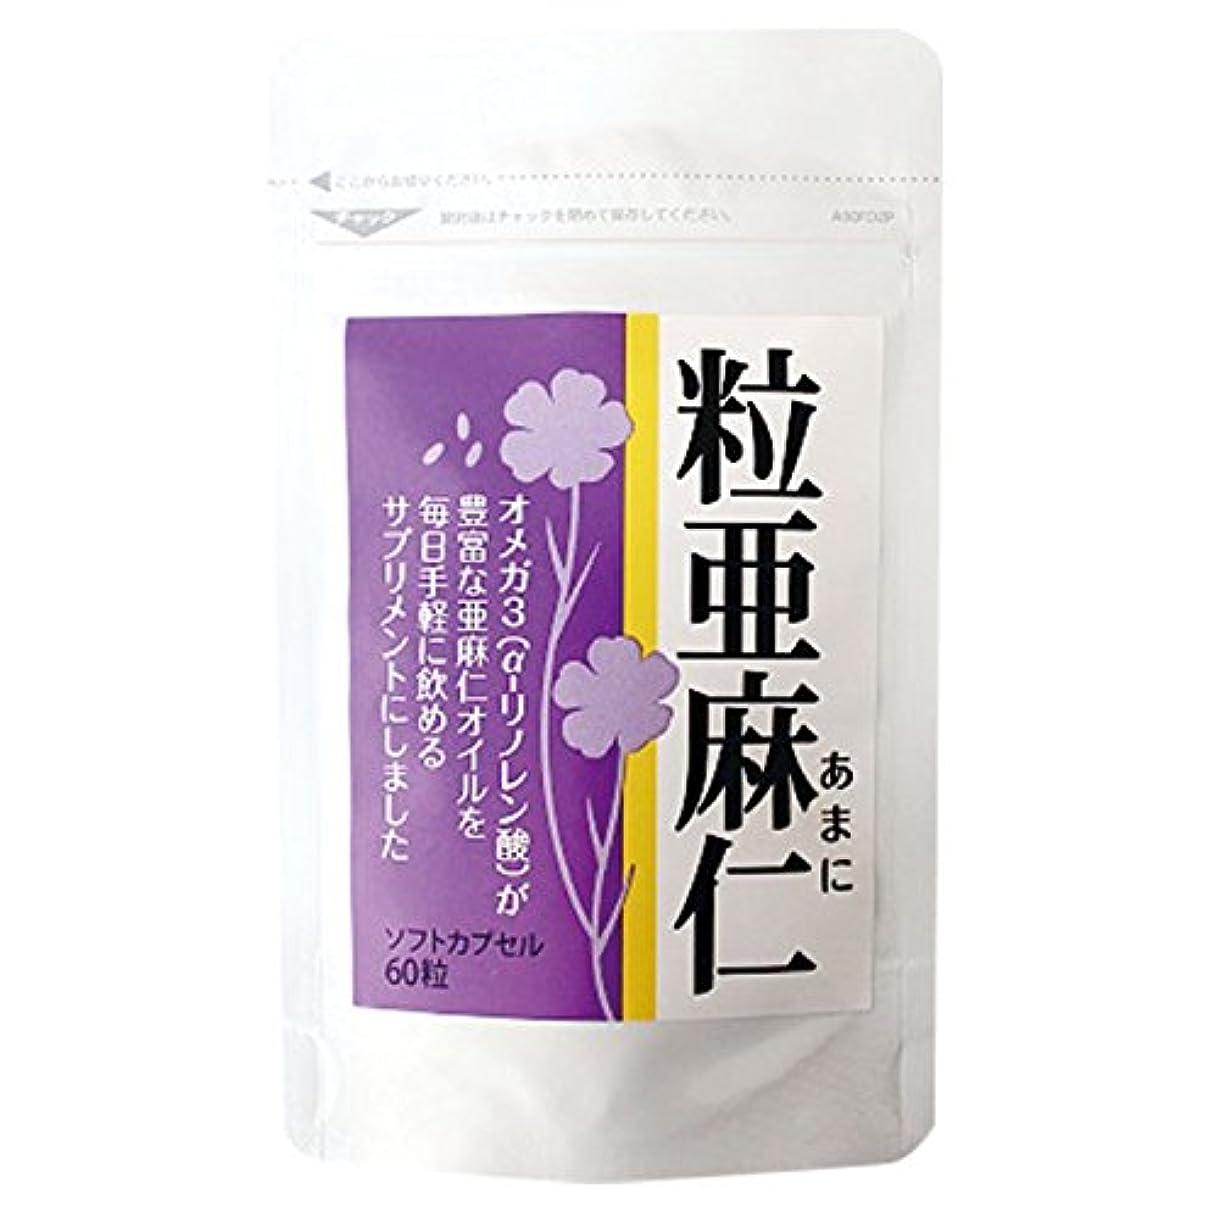 ジム急襲アニメーション粒亜麻仁(60粒)